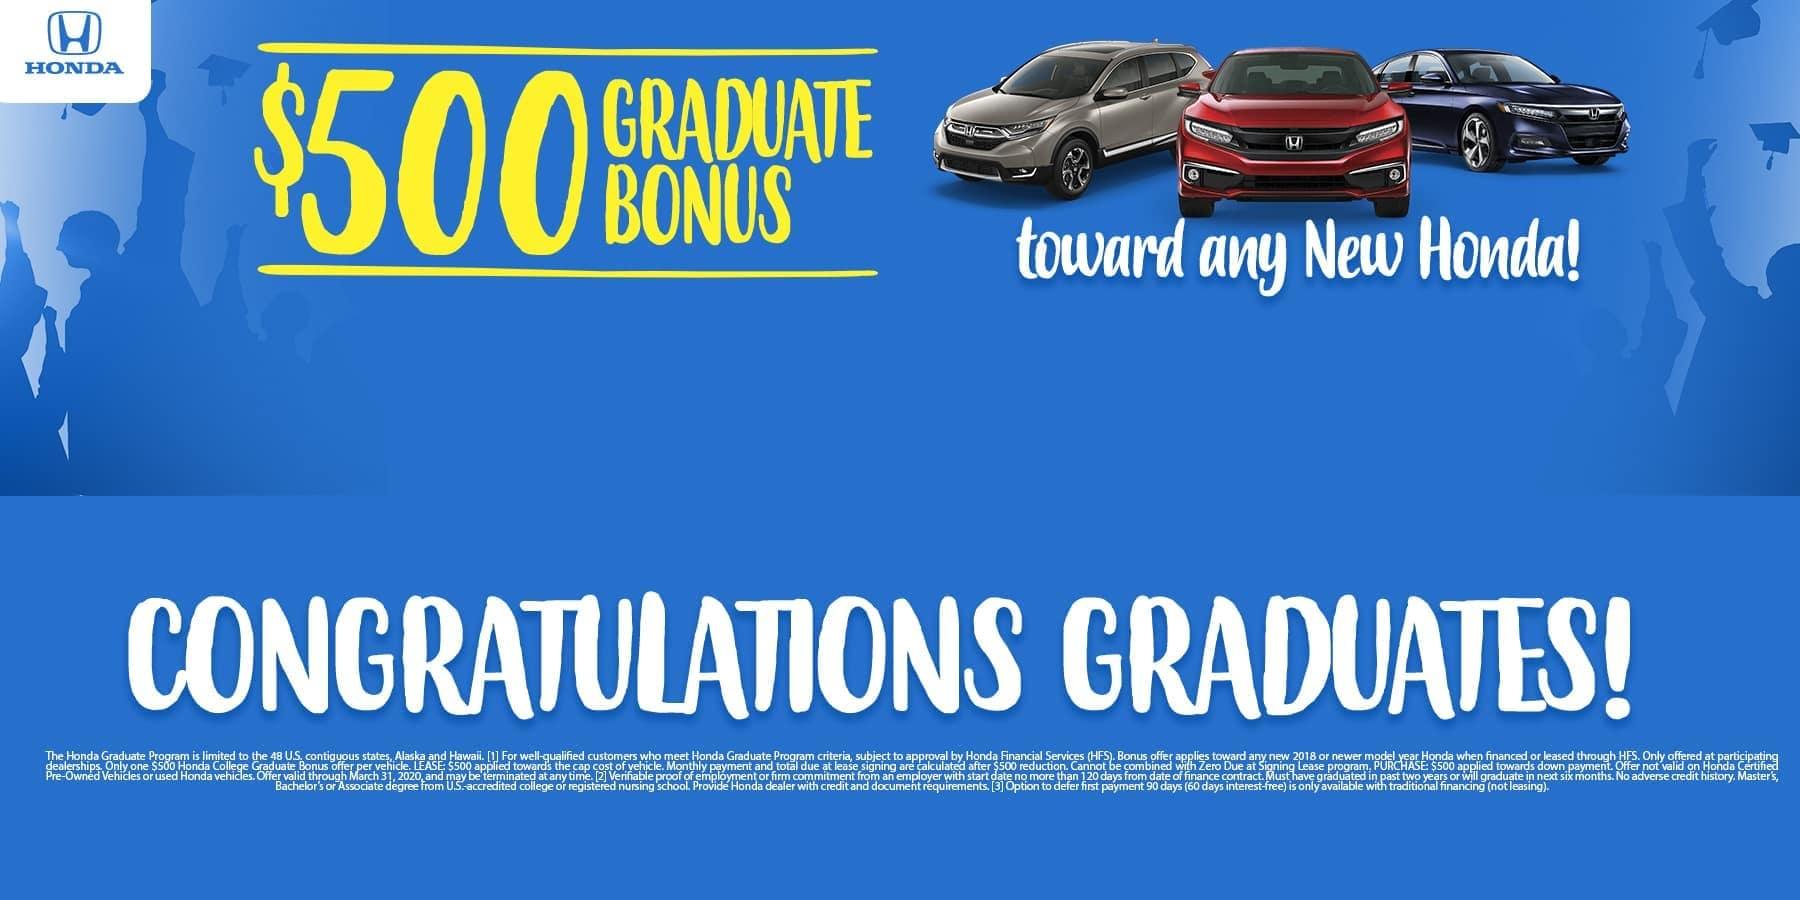 $500 Graduate Bonus toward any new Honda for Recent College Grads. Congratulations Grads.